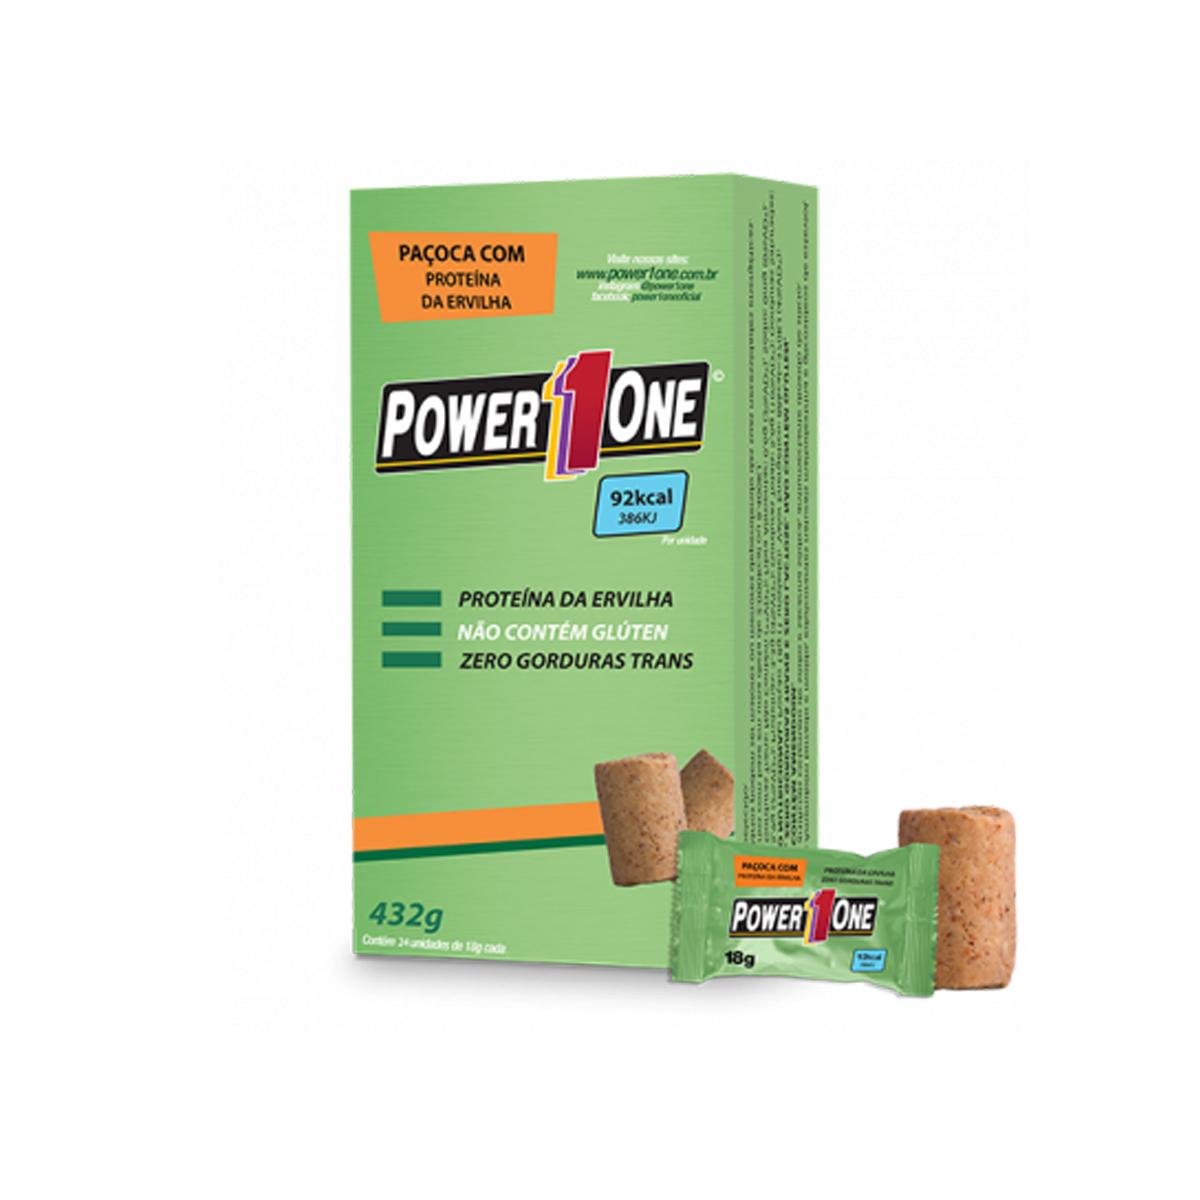 Paçoca Rolha Vegana Proteica 24 unidades de 18g - Power1One